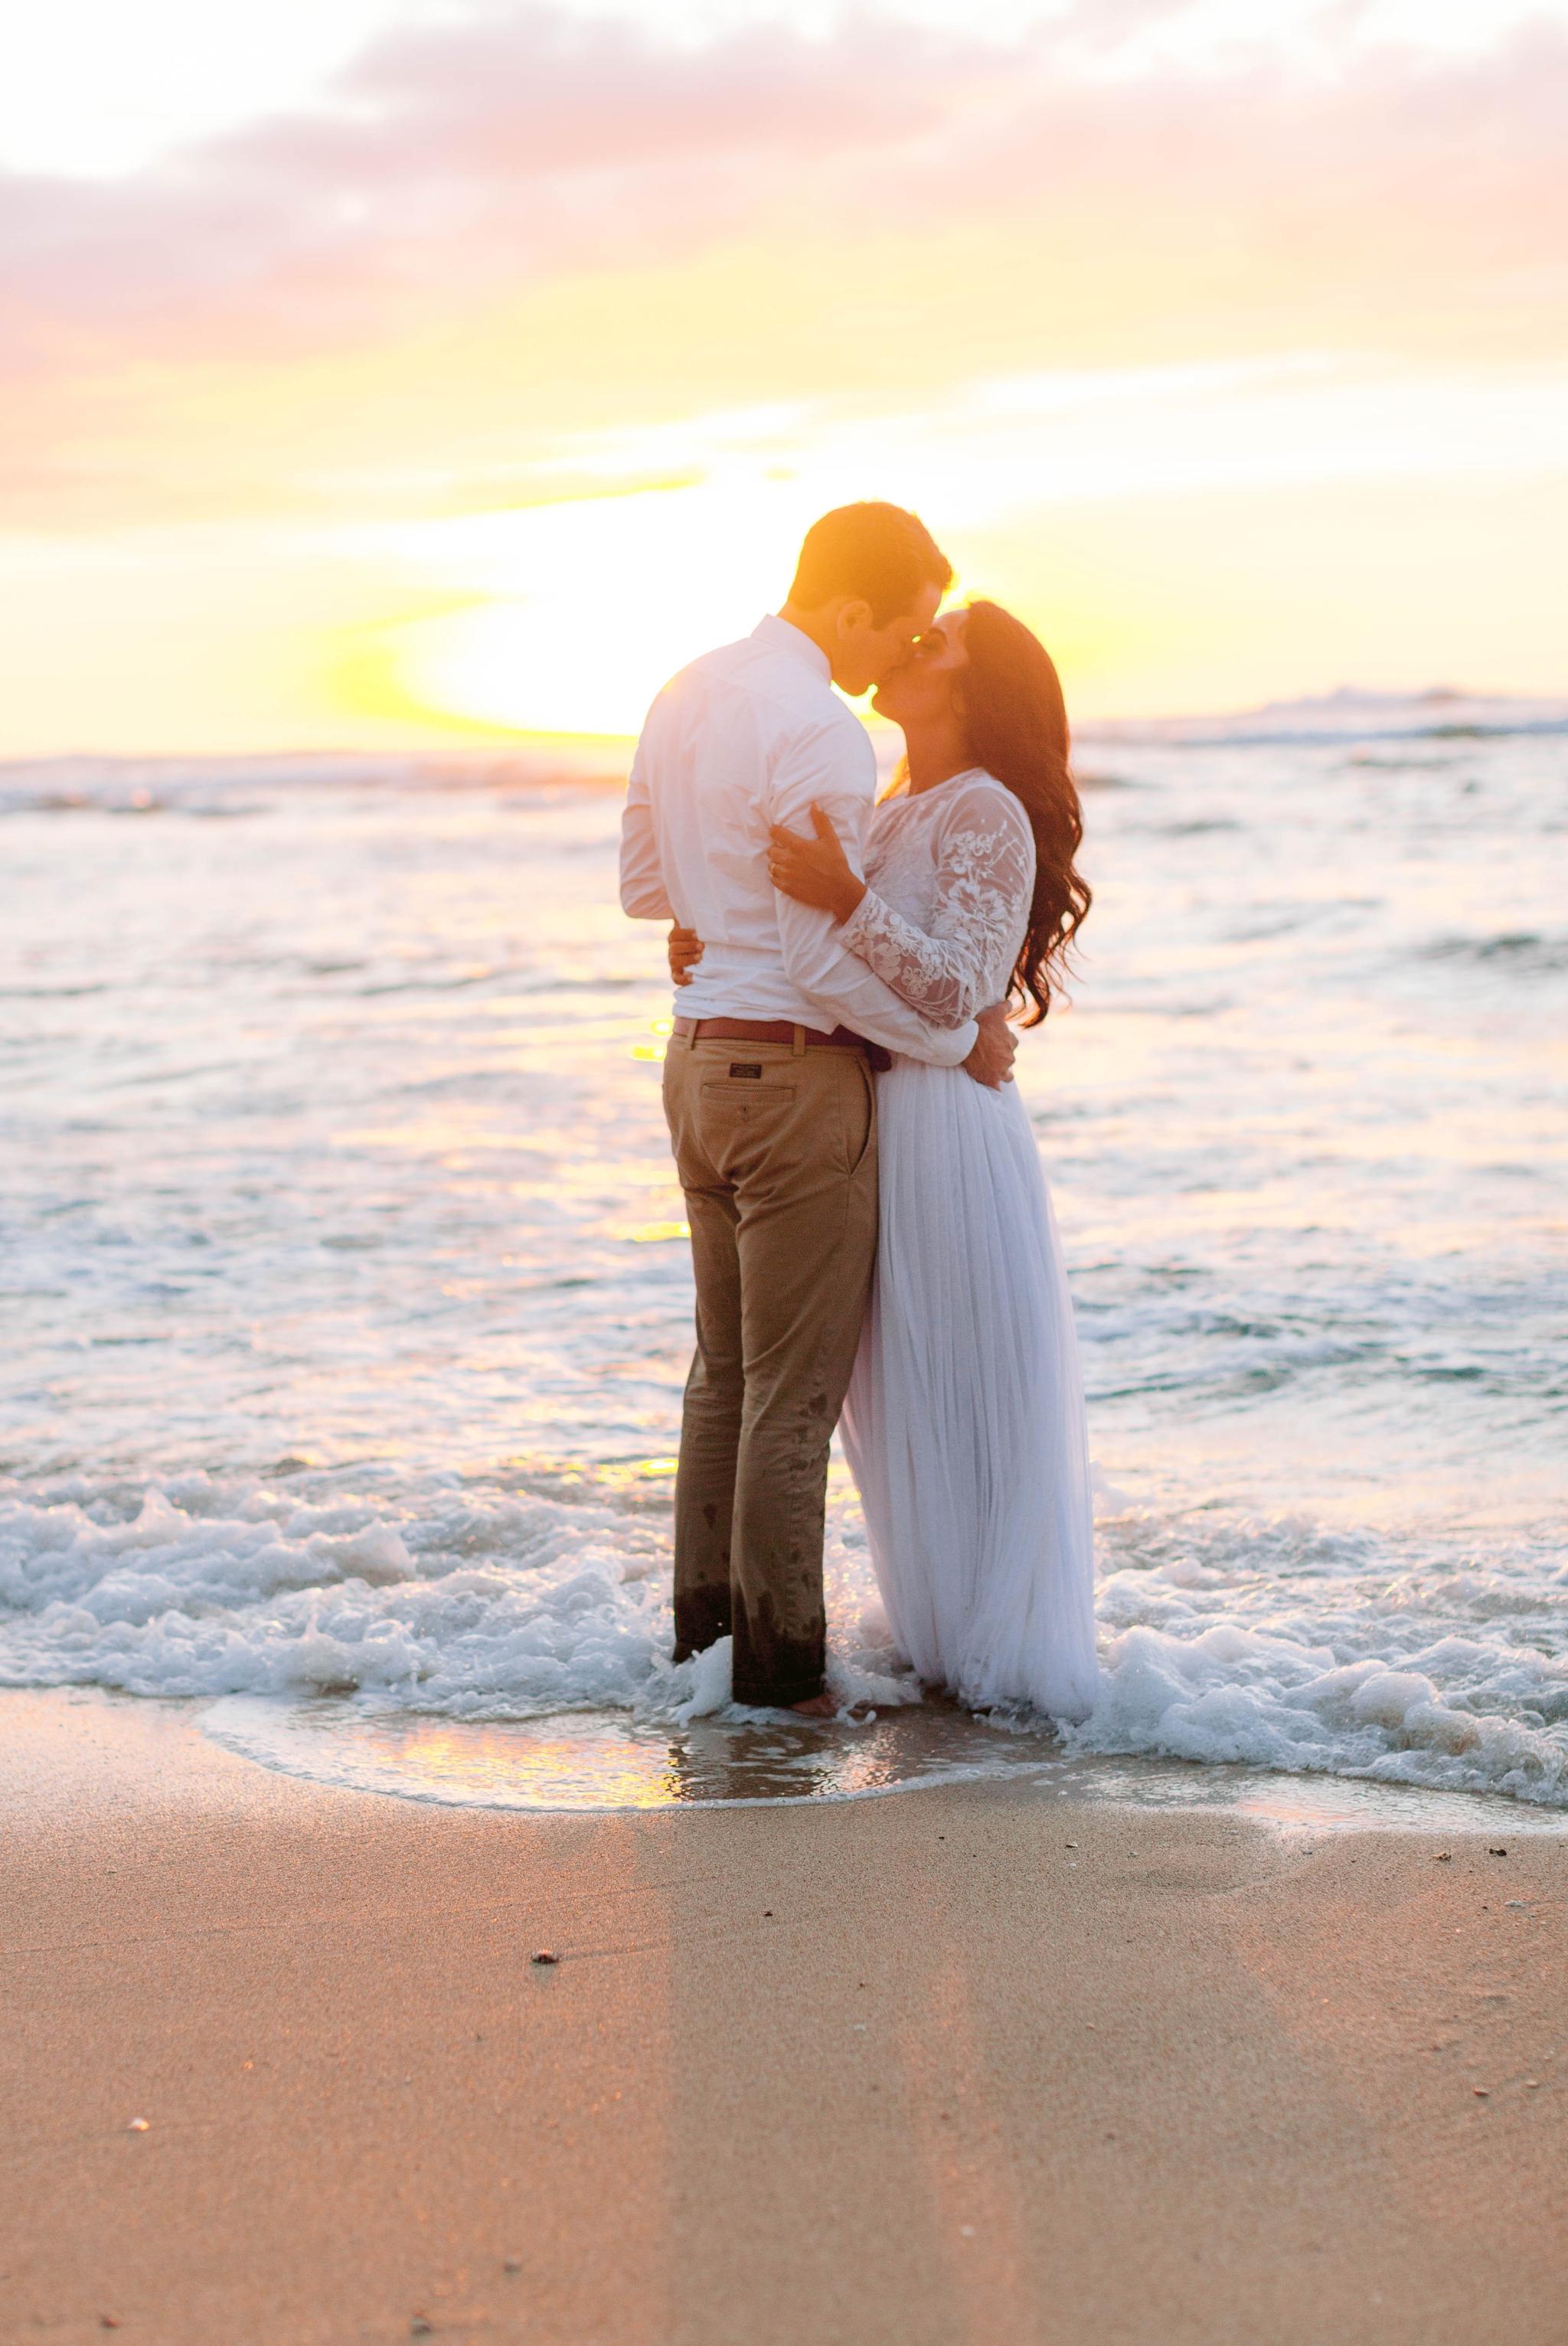 Bride and Groom - Wedding Portraits at Sunset in Hawaii - Ana + Elijah - Wedding at Loulu Palm in Haleiwa, HI - Oahu Hawaii Wedding Photographer - #hawaiiweddingphotographer #oahuweddings #hawaiiweddings